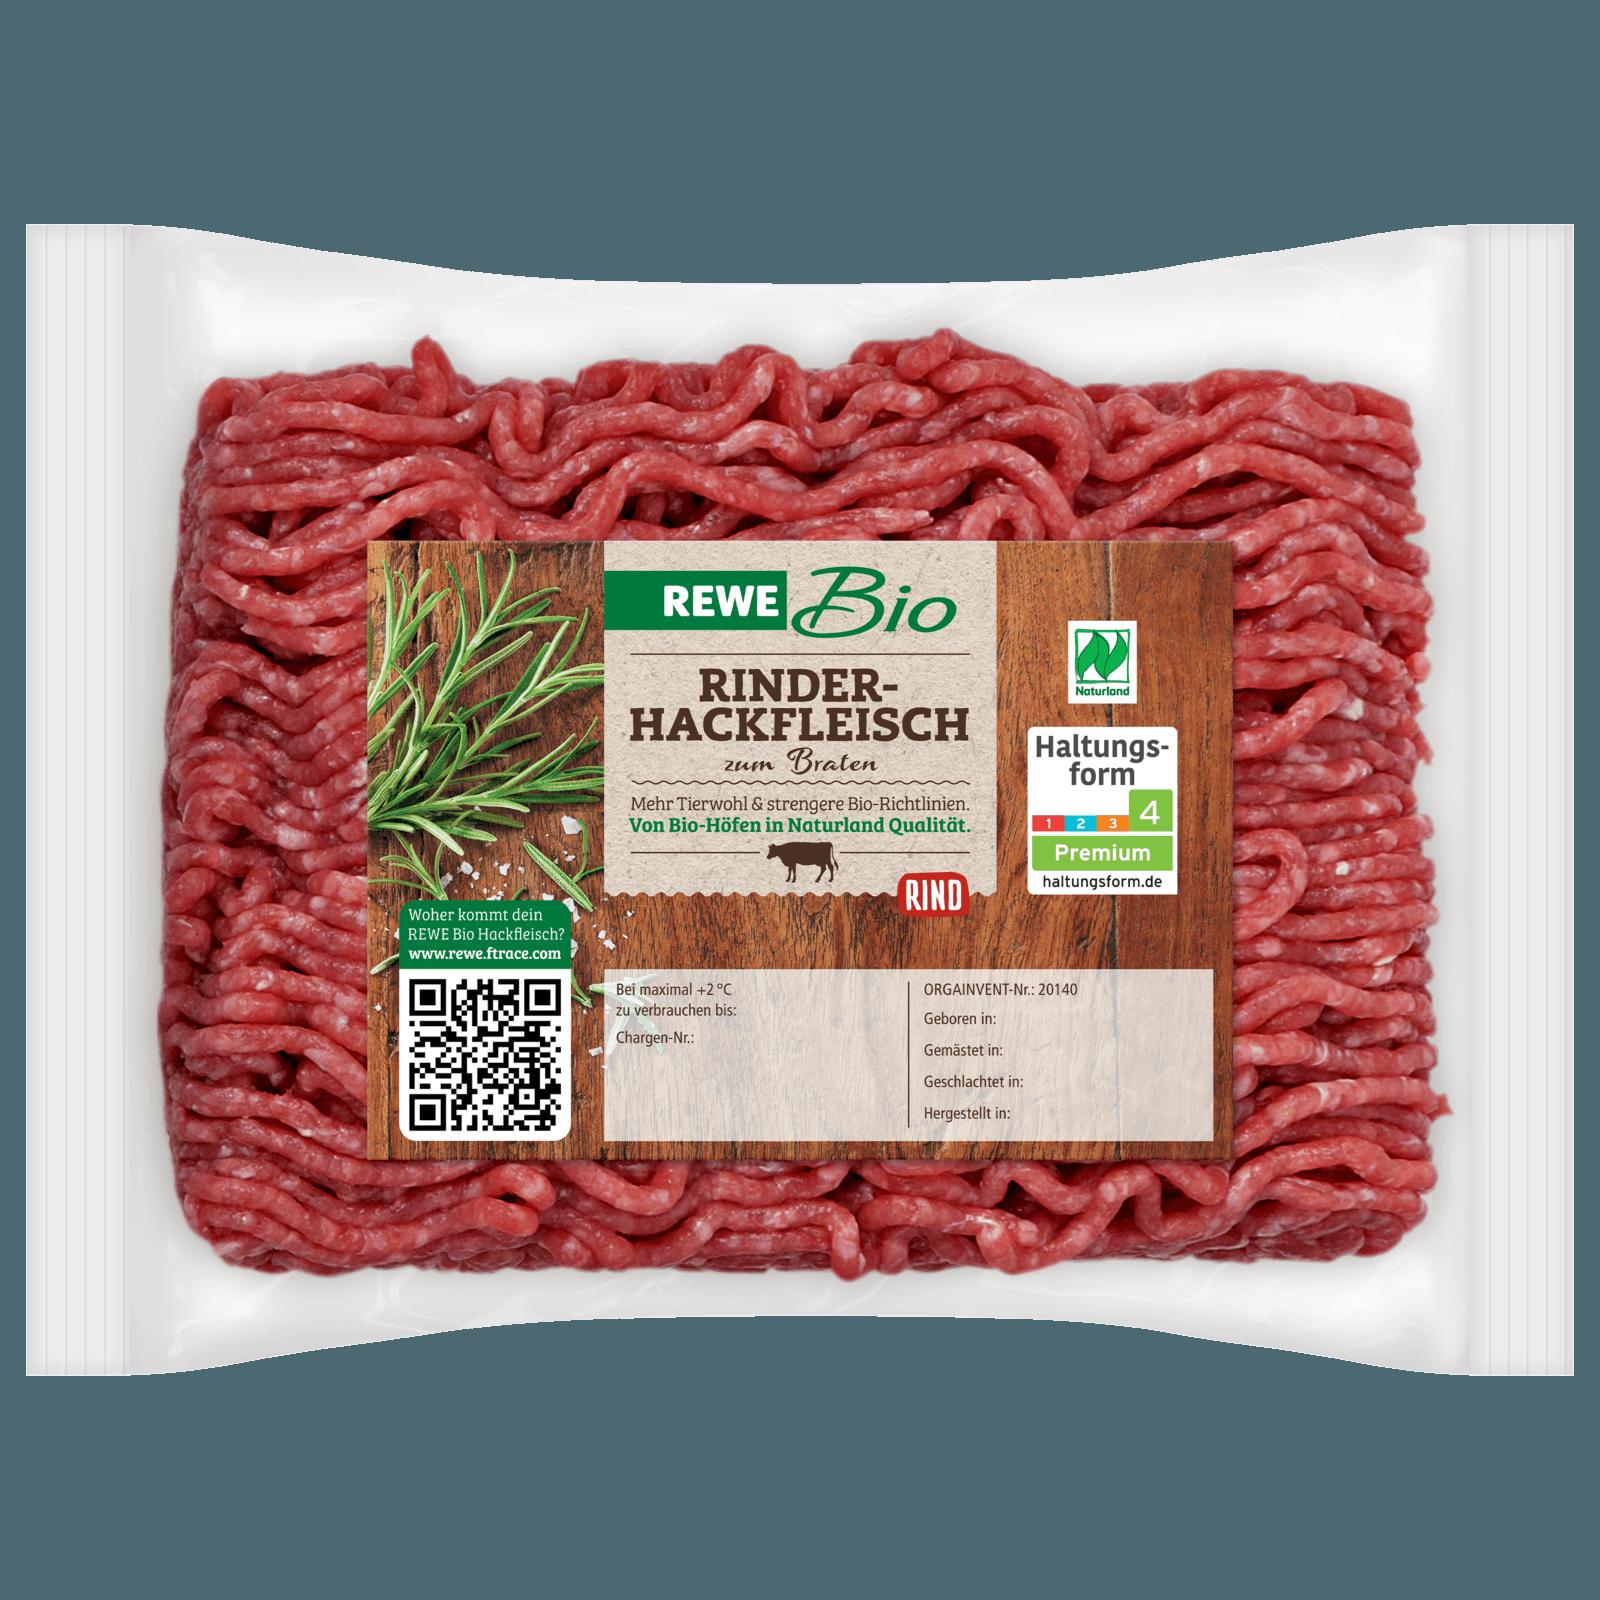 Rewe Bio Rinderhackfleisch 400g Bei Rewe Online Bestellen